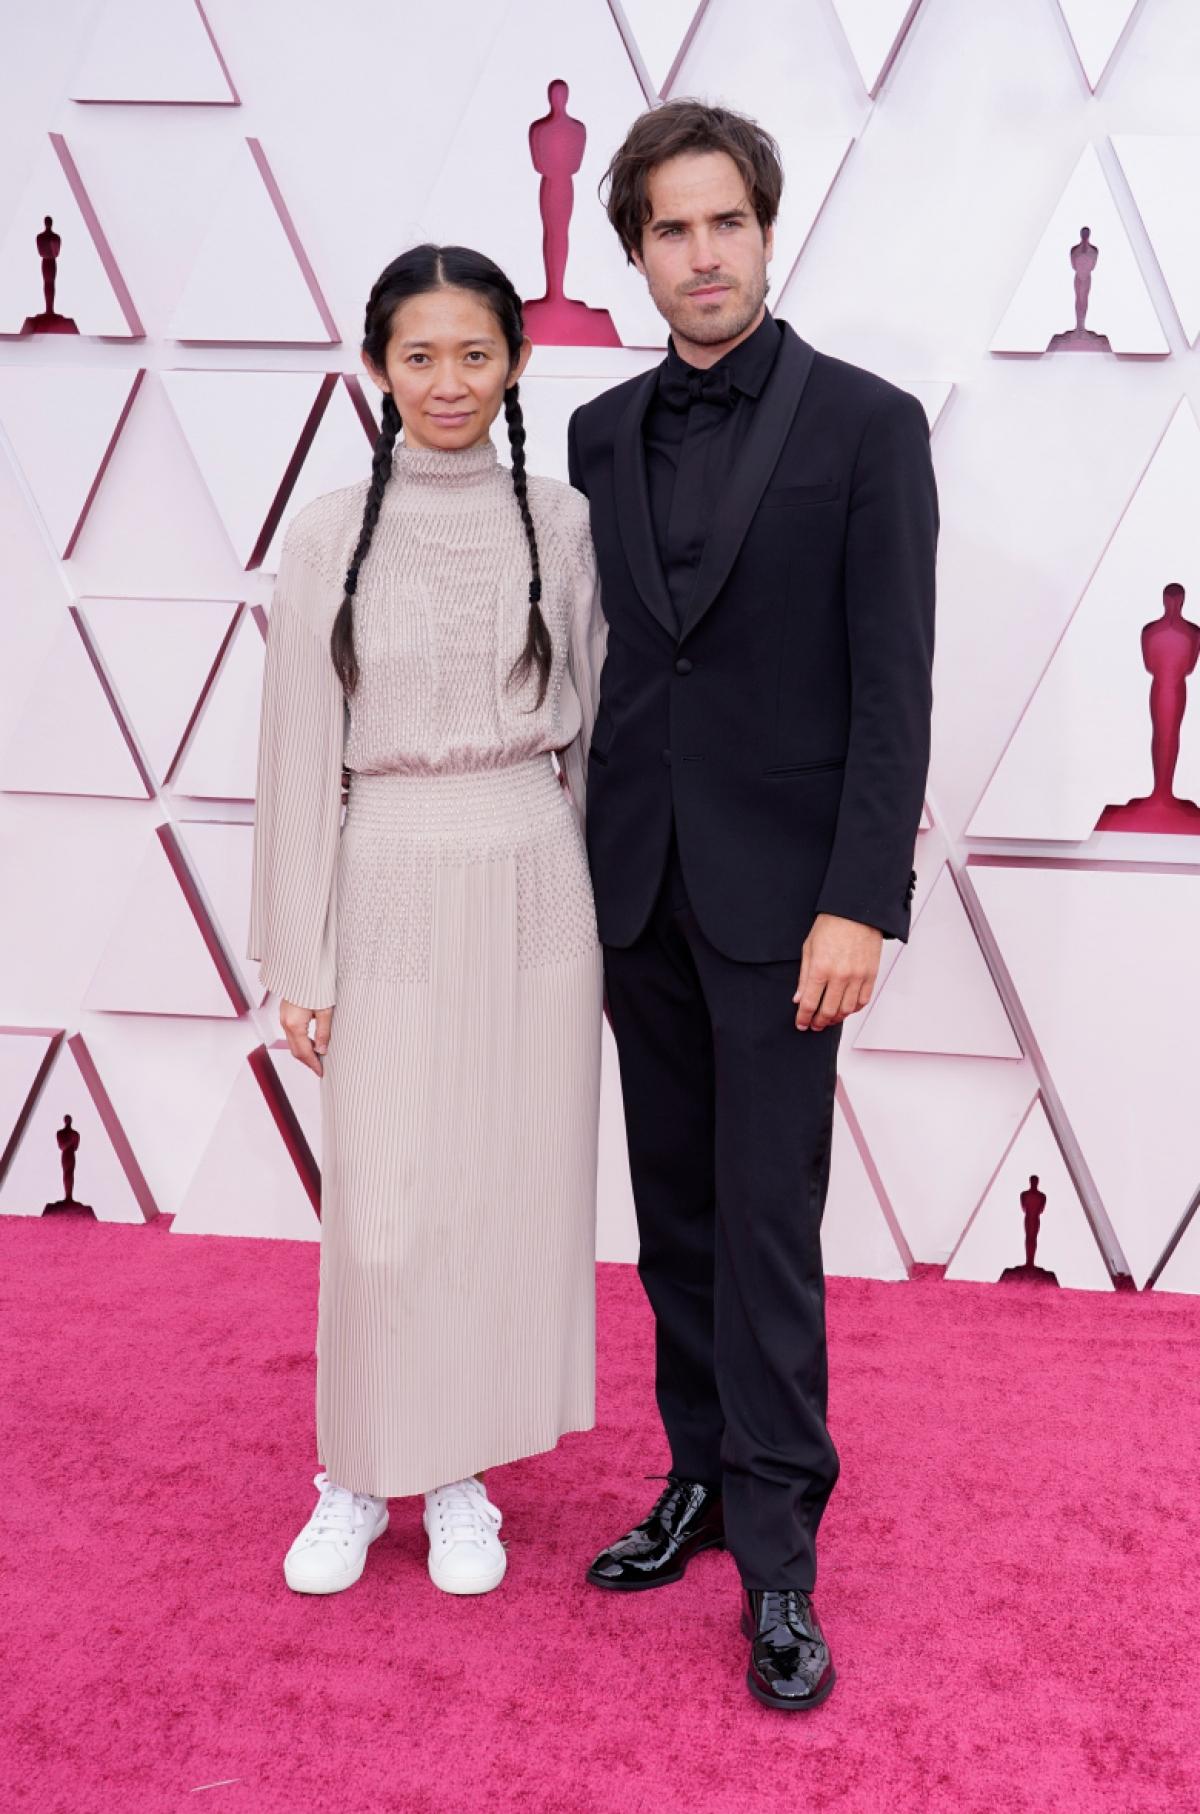 """Nữ đạo diễn Chloé Zhao và nhà quay phim Joshua James Richards dự kiến sẽ mang về rất nhiều giải Oscarcho """"Nomadland"""".Bộ phim """"Nomadland""""đang nhận được 4 đề cử tại giải Oscarcho các hạng mục: """"Phim hay nhất"""", """"Đạo diễn xuất sắc nhất"""", """"Quay phim xuất sắc nhất"""" và """"Kịch bản chuyển thể xuất sắc""""."""